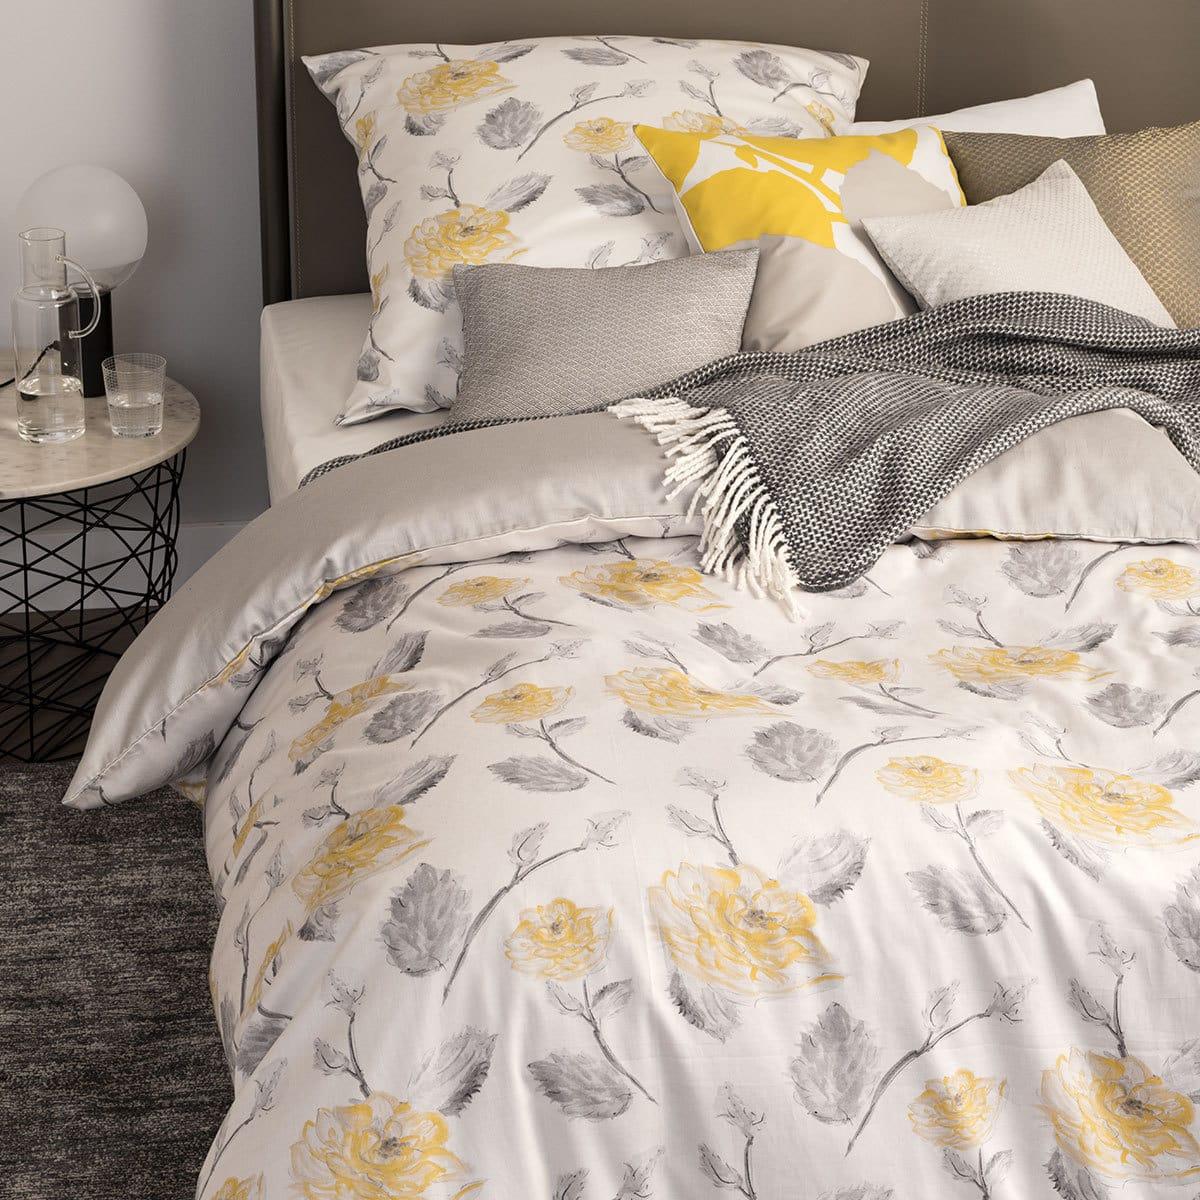 sch ner wohnen mako satin bettw sche orelia gelb g nstig. Black Bedroom Furniture Sets. Home Design Ideas